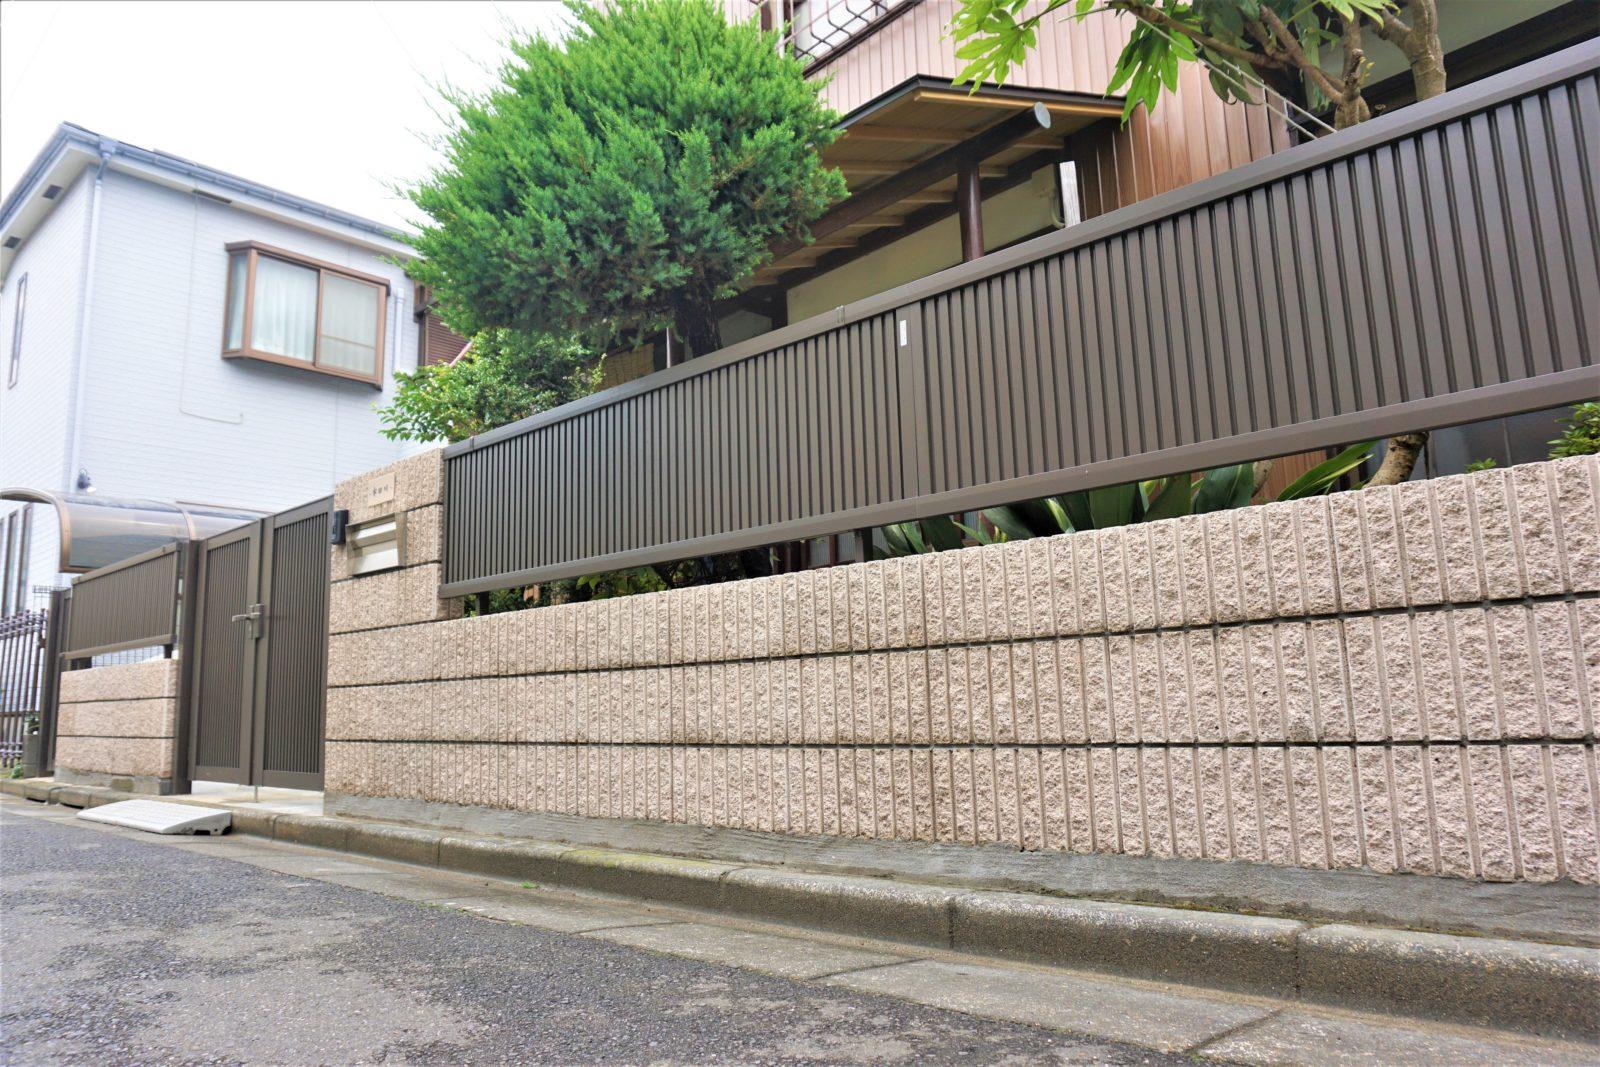 化粧ブロック塀+フェンス